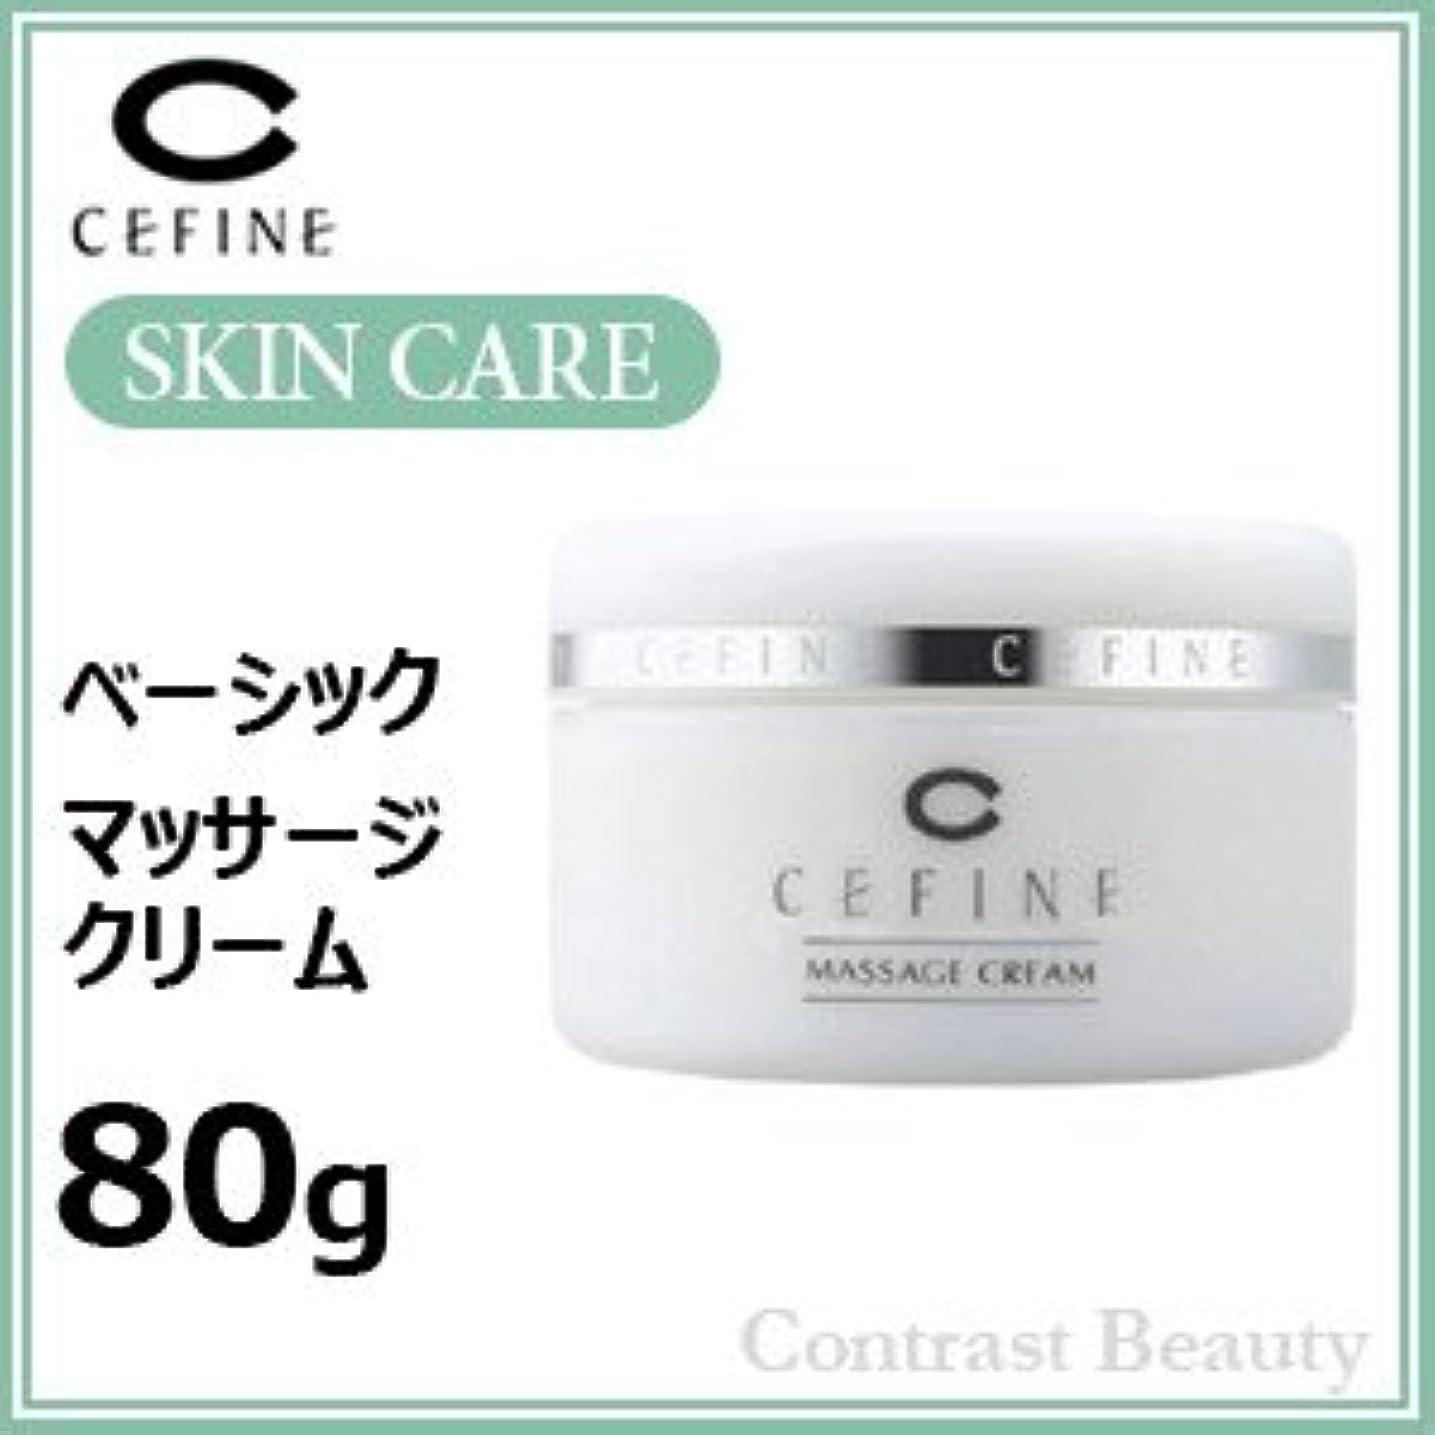 コンパクトふつうミニ【X4個セット】 セフィーヌ マッサージクリーム 80g CEFINE ベーシックオプションシリーズ